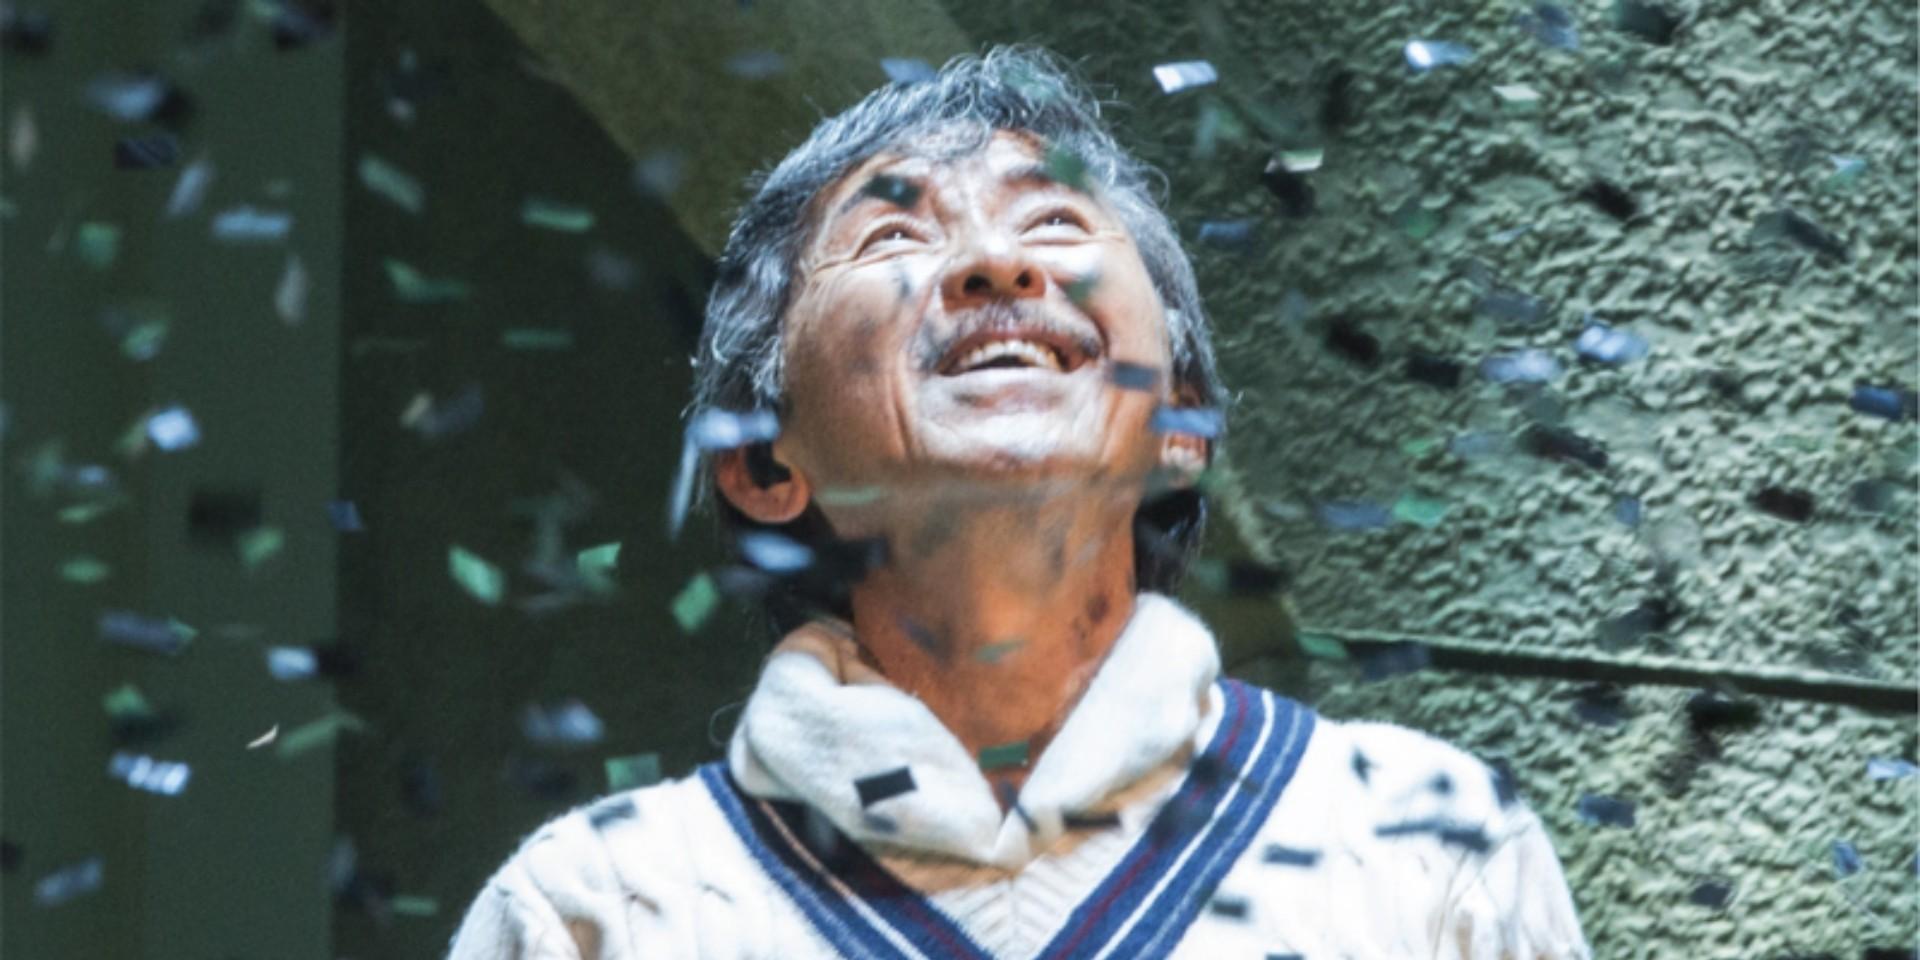 Cantopop veteran George Lam postpones concert in Singapore